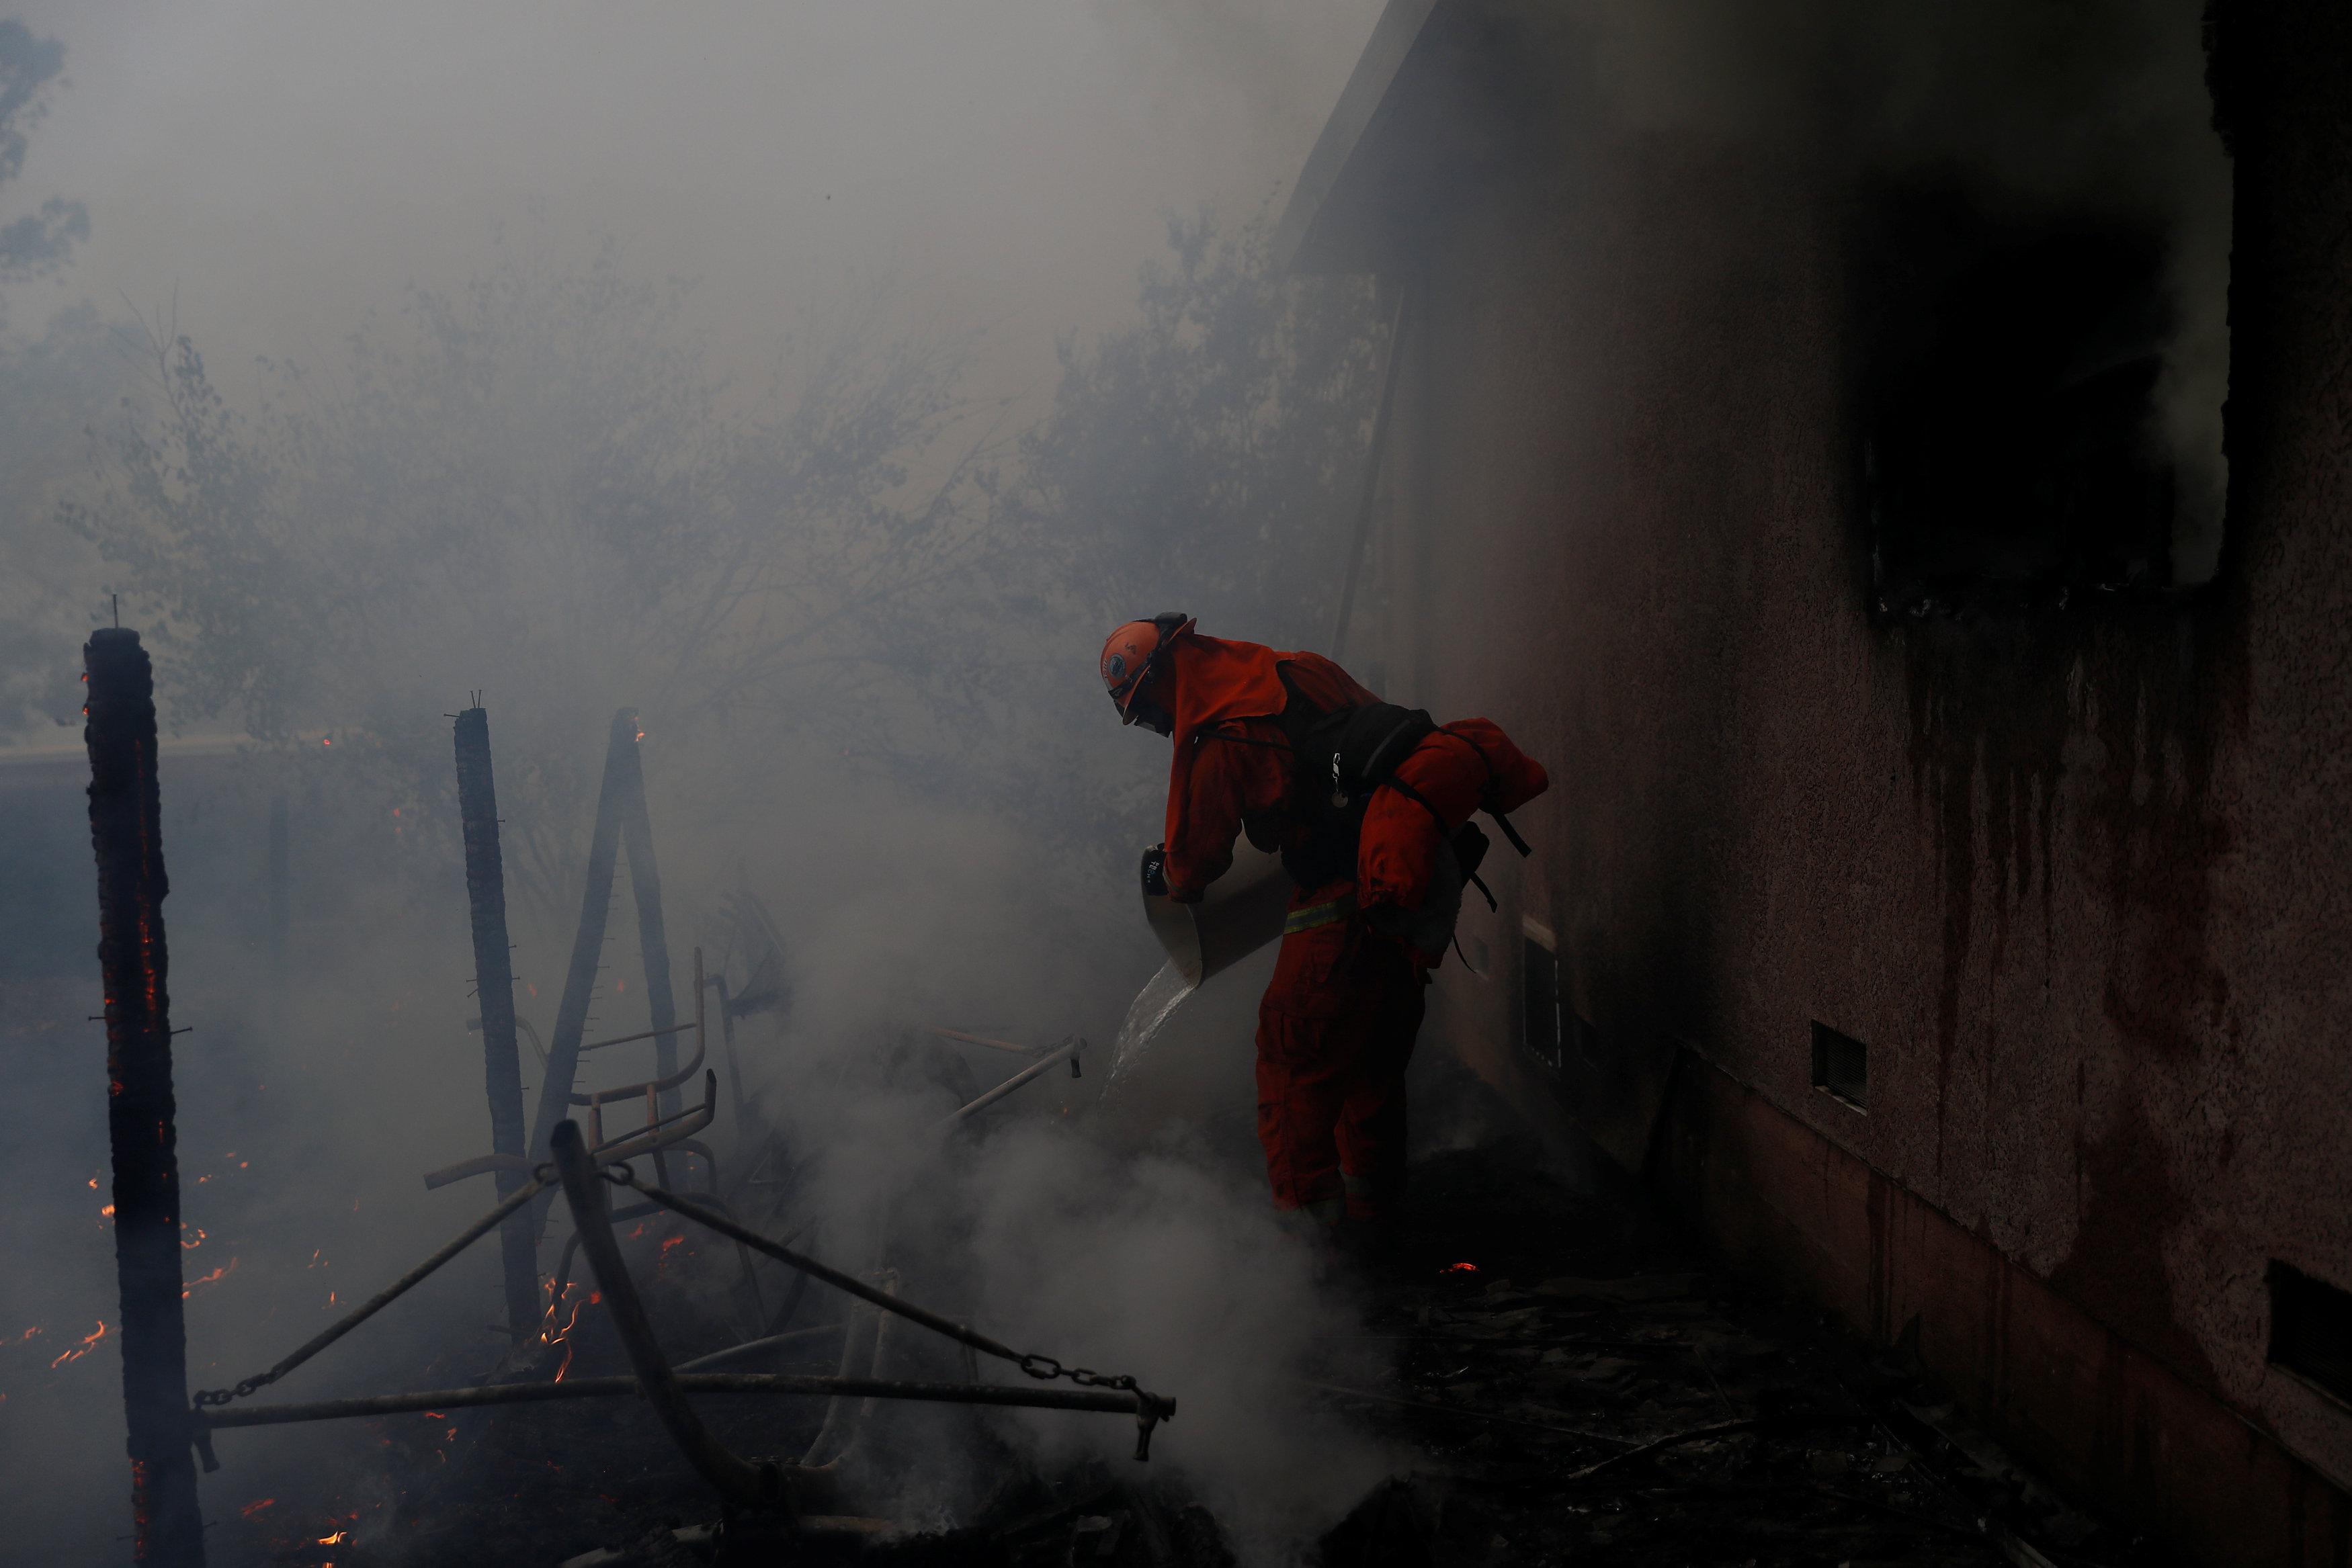 أحد رجال الإنقاذ يطفئ النيران